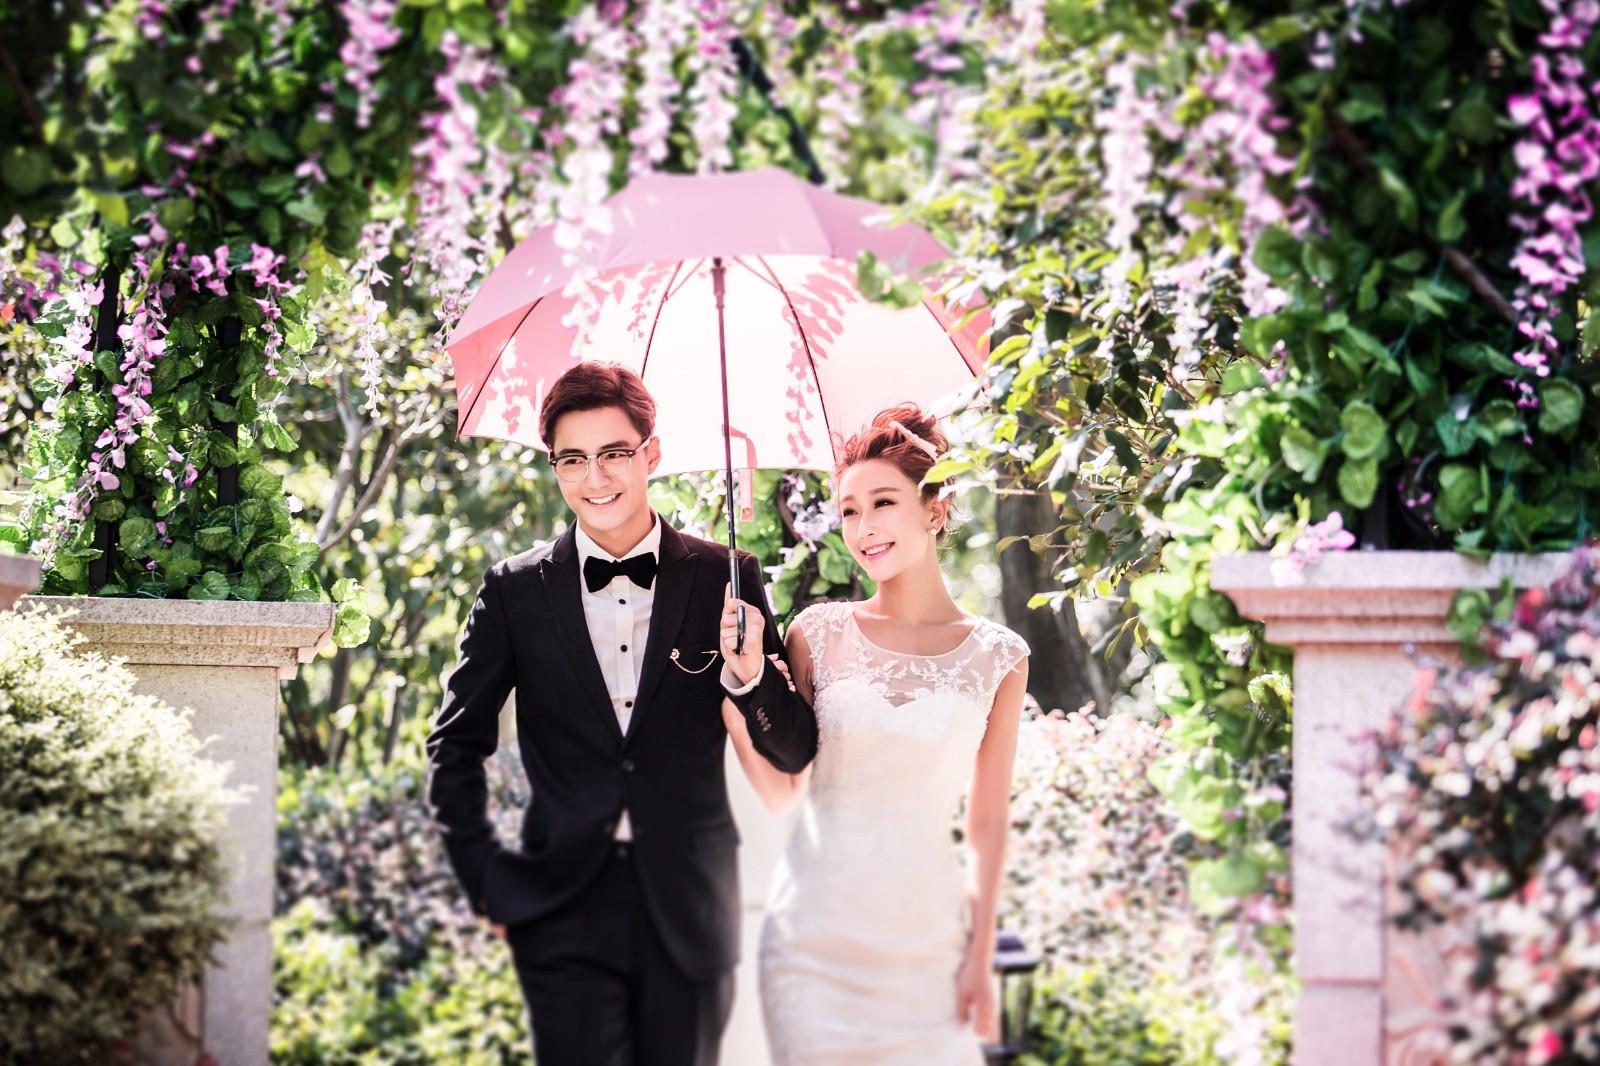 结婚祝福语大全,朋友和亲人的祝福语是不同的